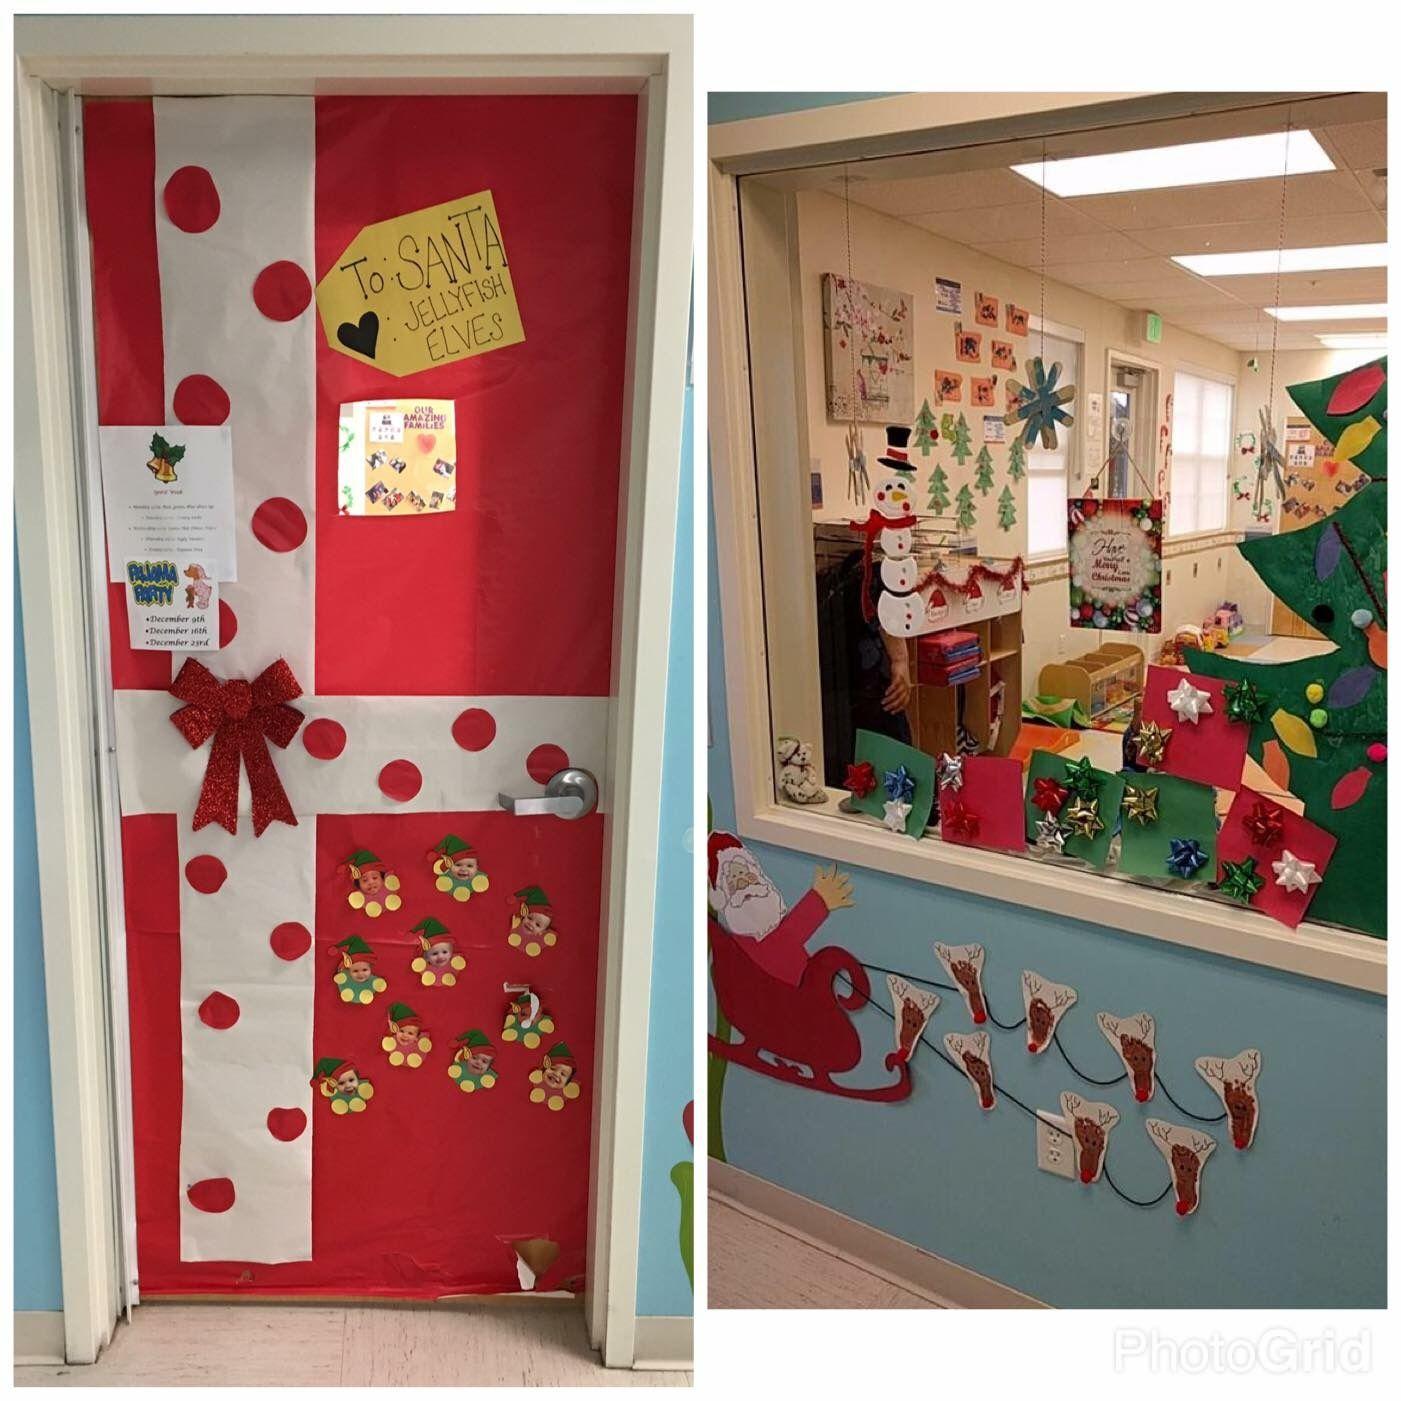 Santa s t elves door decorations Christmas school door